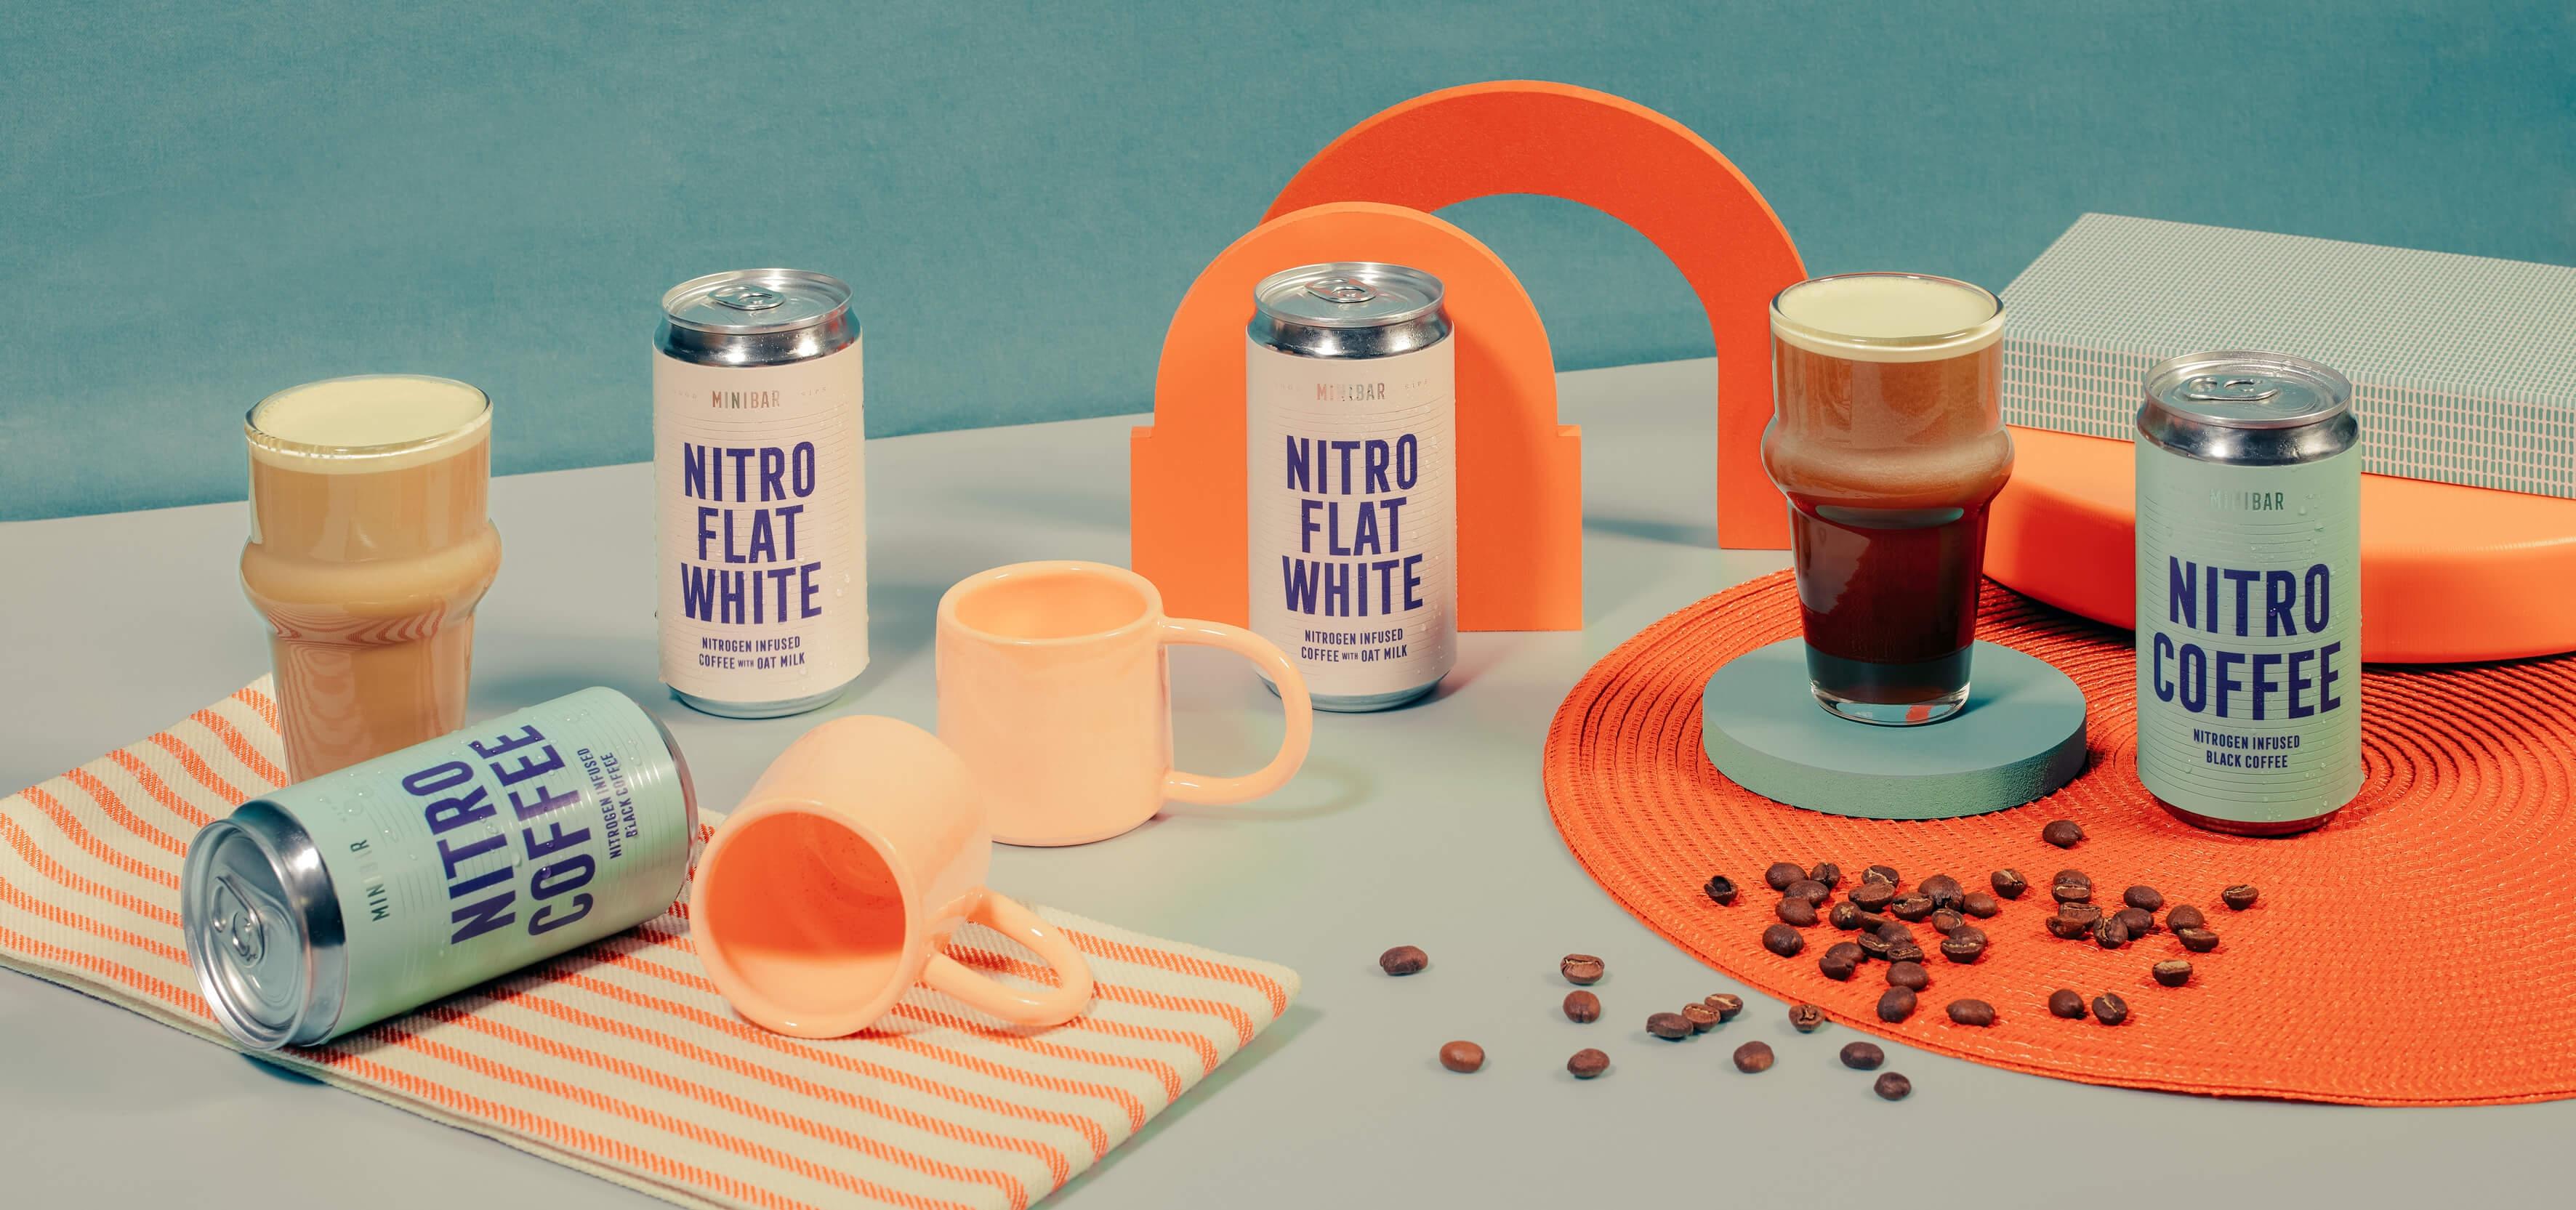 Minibar Nitro Coffee, Ruth Bartlett, Our Bartlett, Set Design, Prop Styling, Art Direction